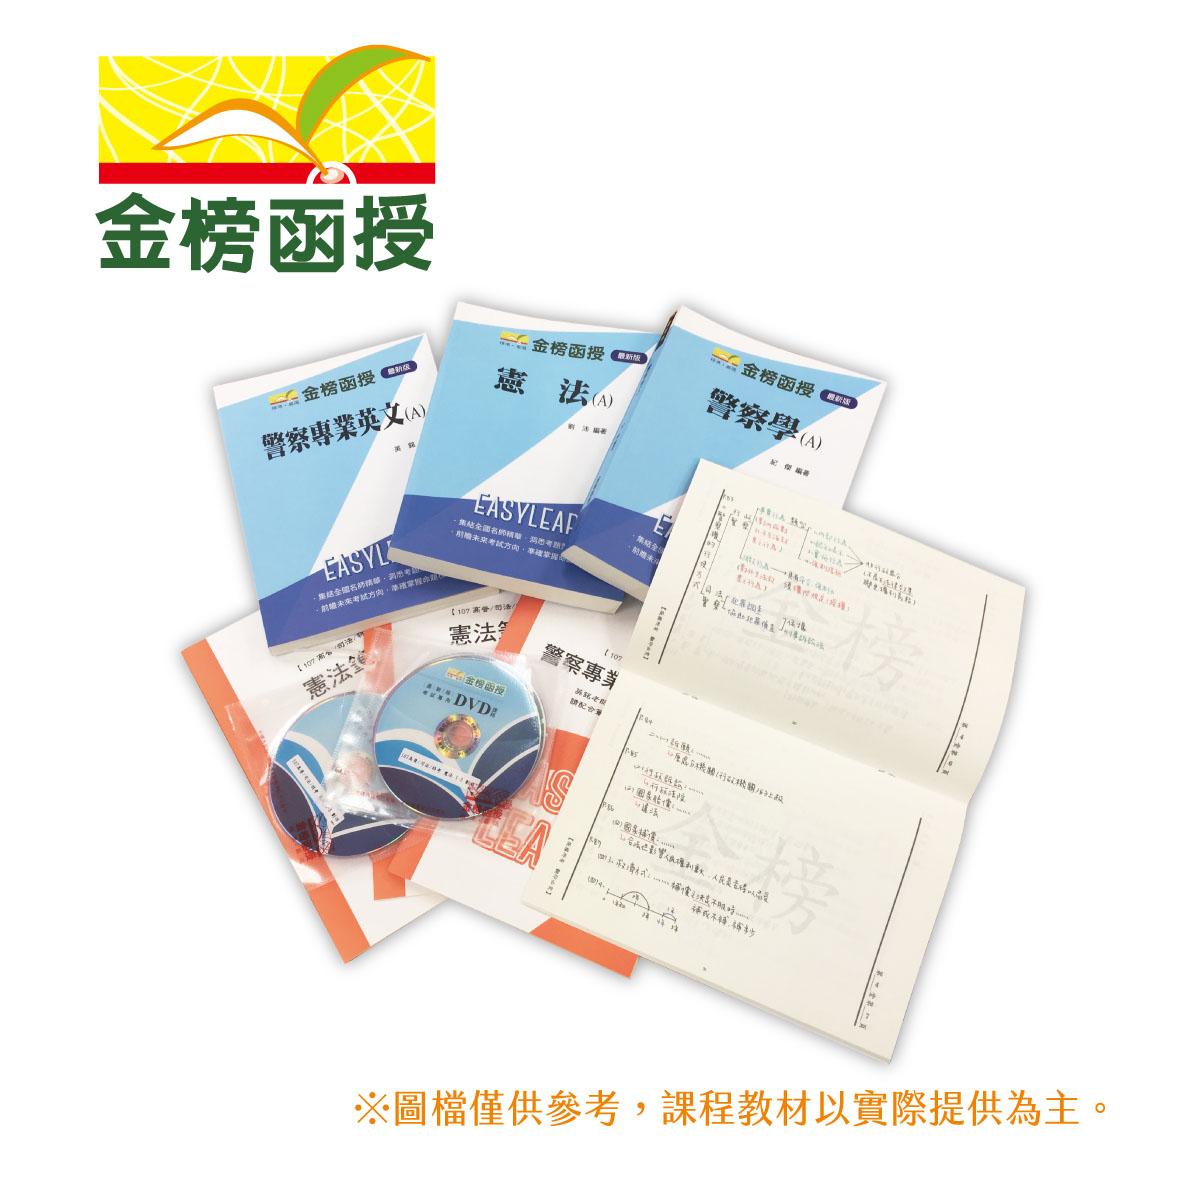 107金榜函授/行政法主题/行政法主题式/单科/云端/第09回/孙权